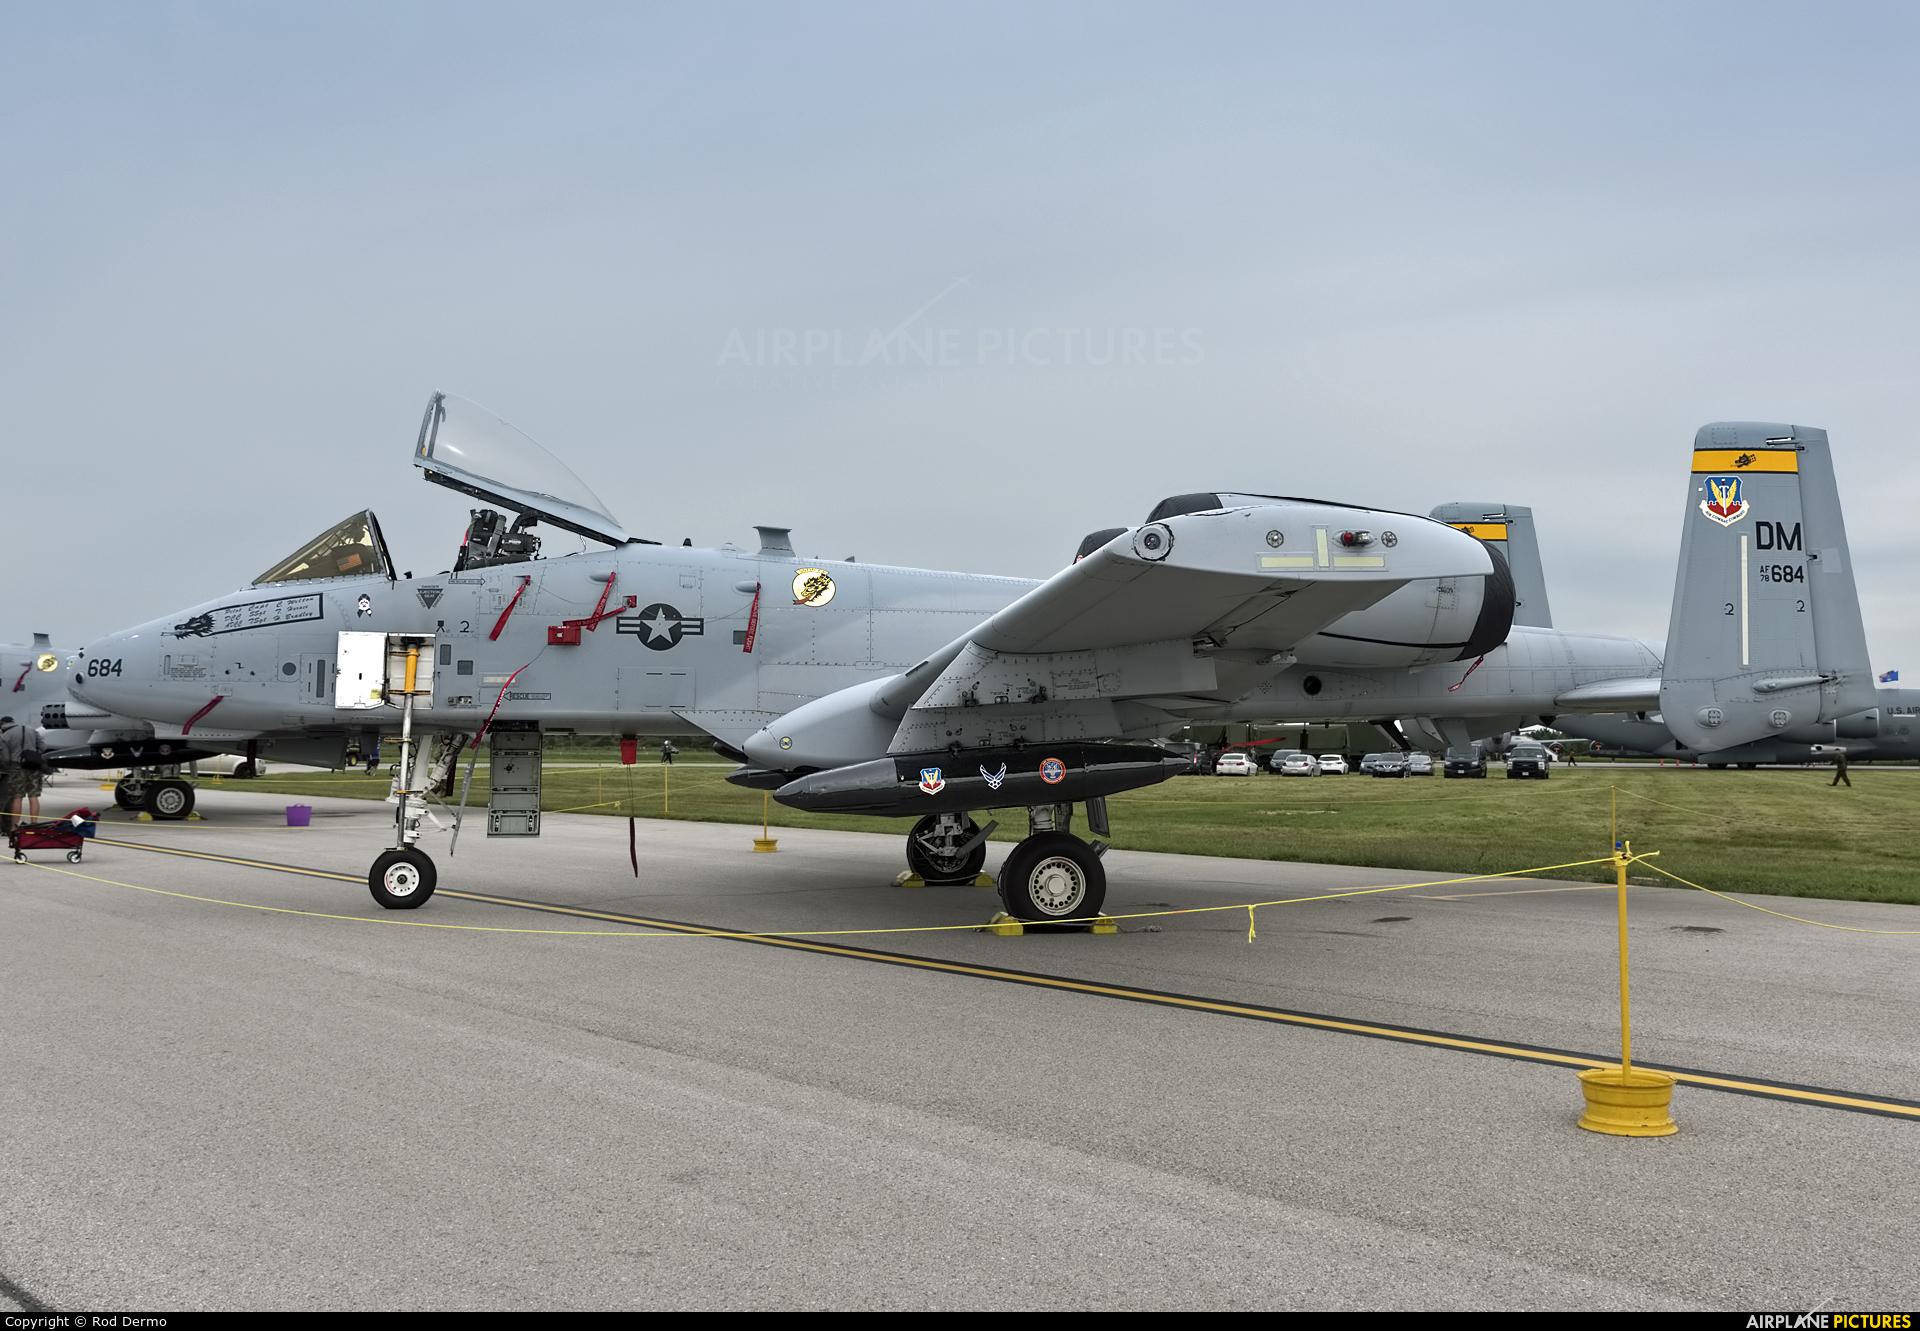 USA - Air Force 78-0684 aircraft at London  Intl, ON